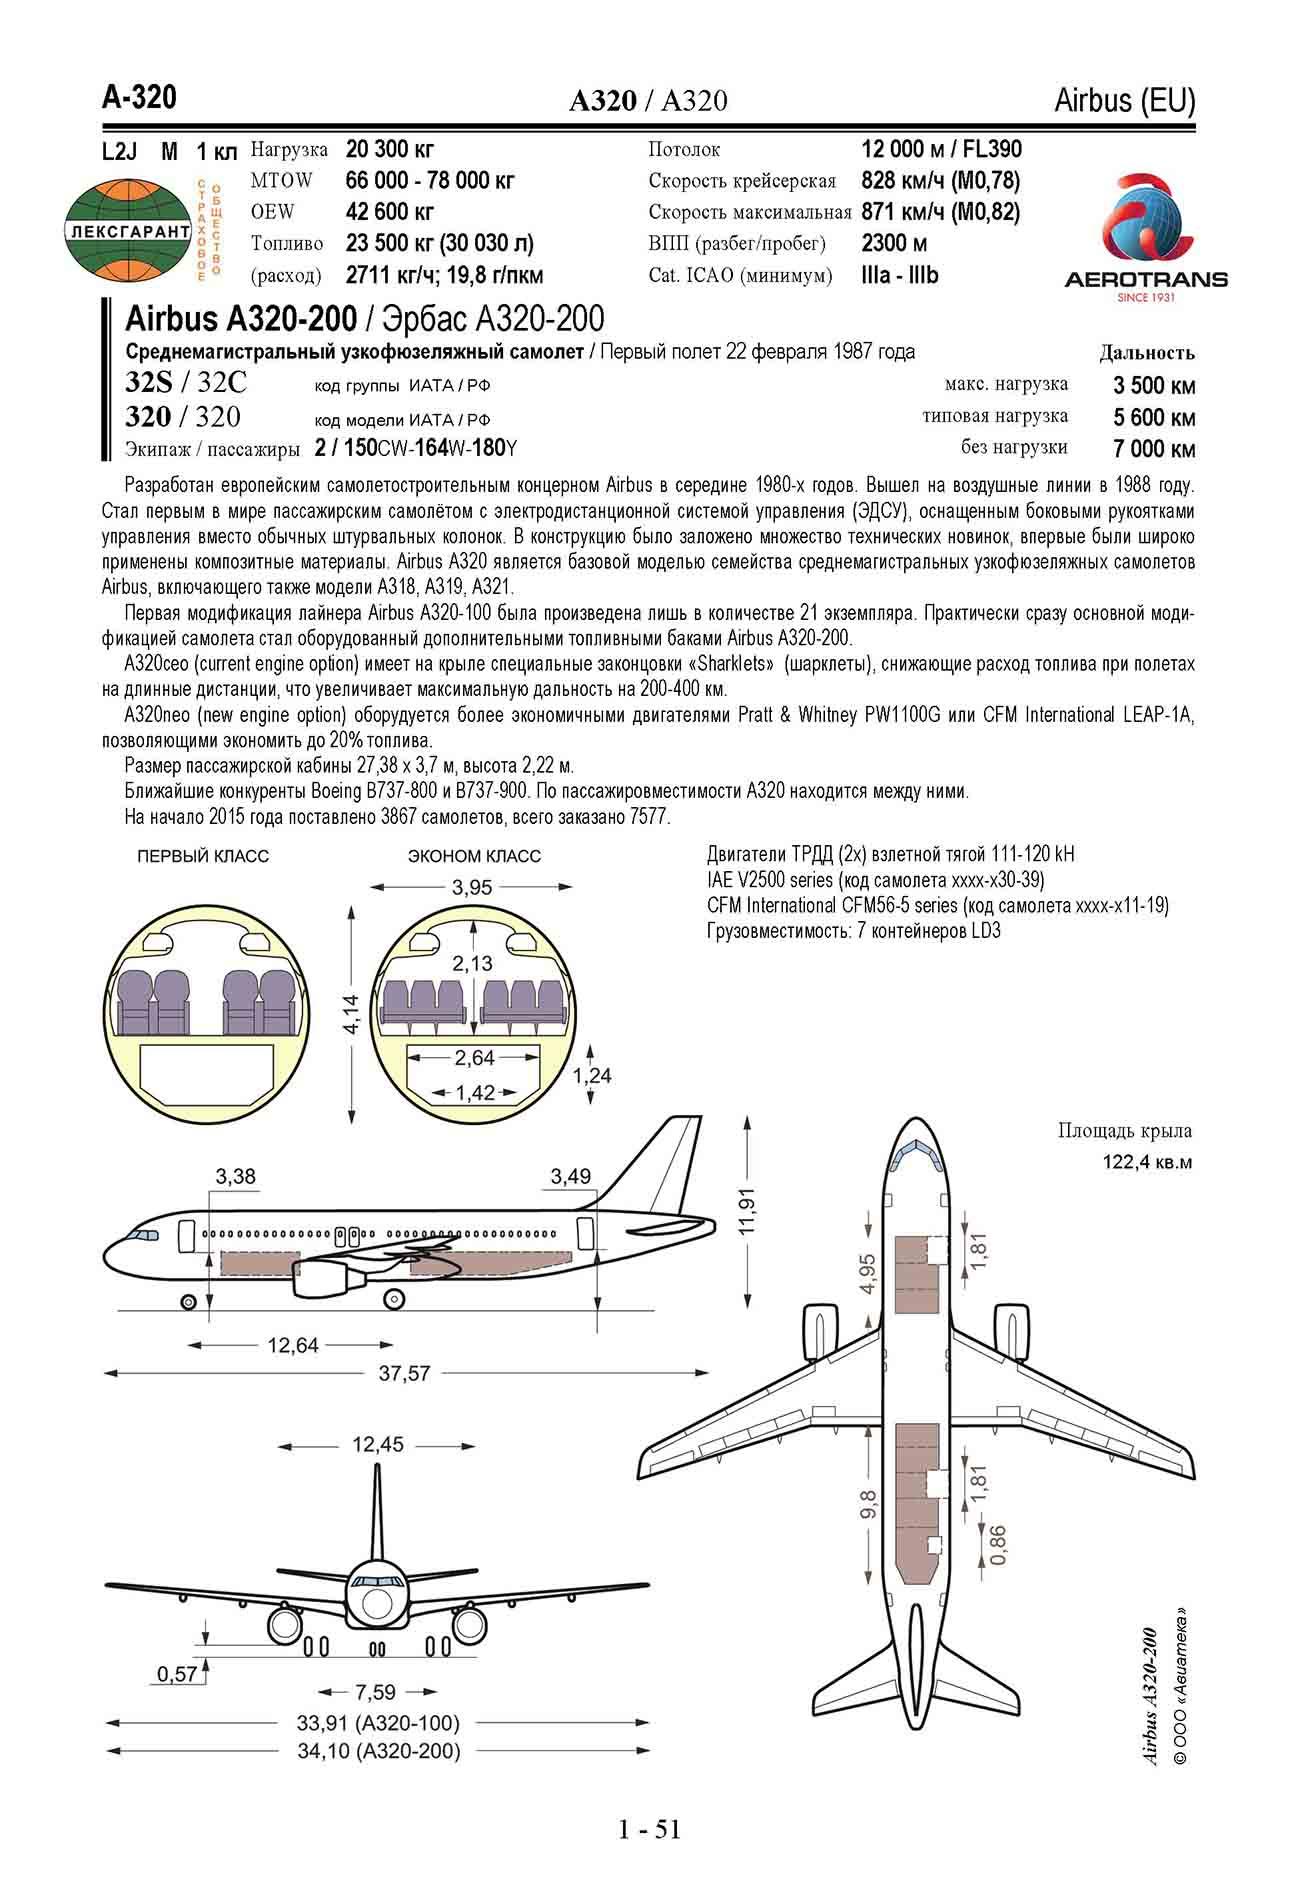 Airbus A320-200. Описание, размеры, проекции, характеристики, коды, сечение